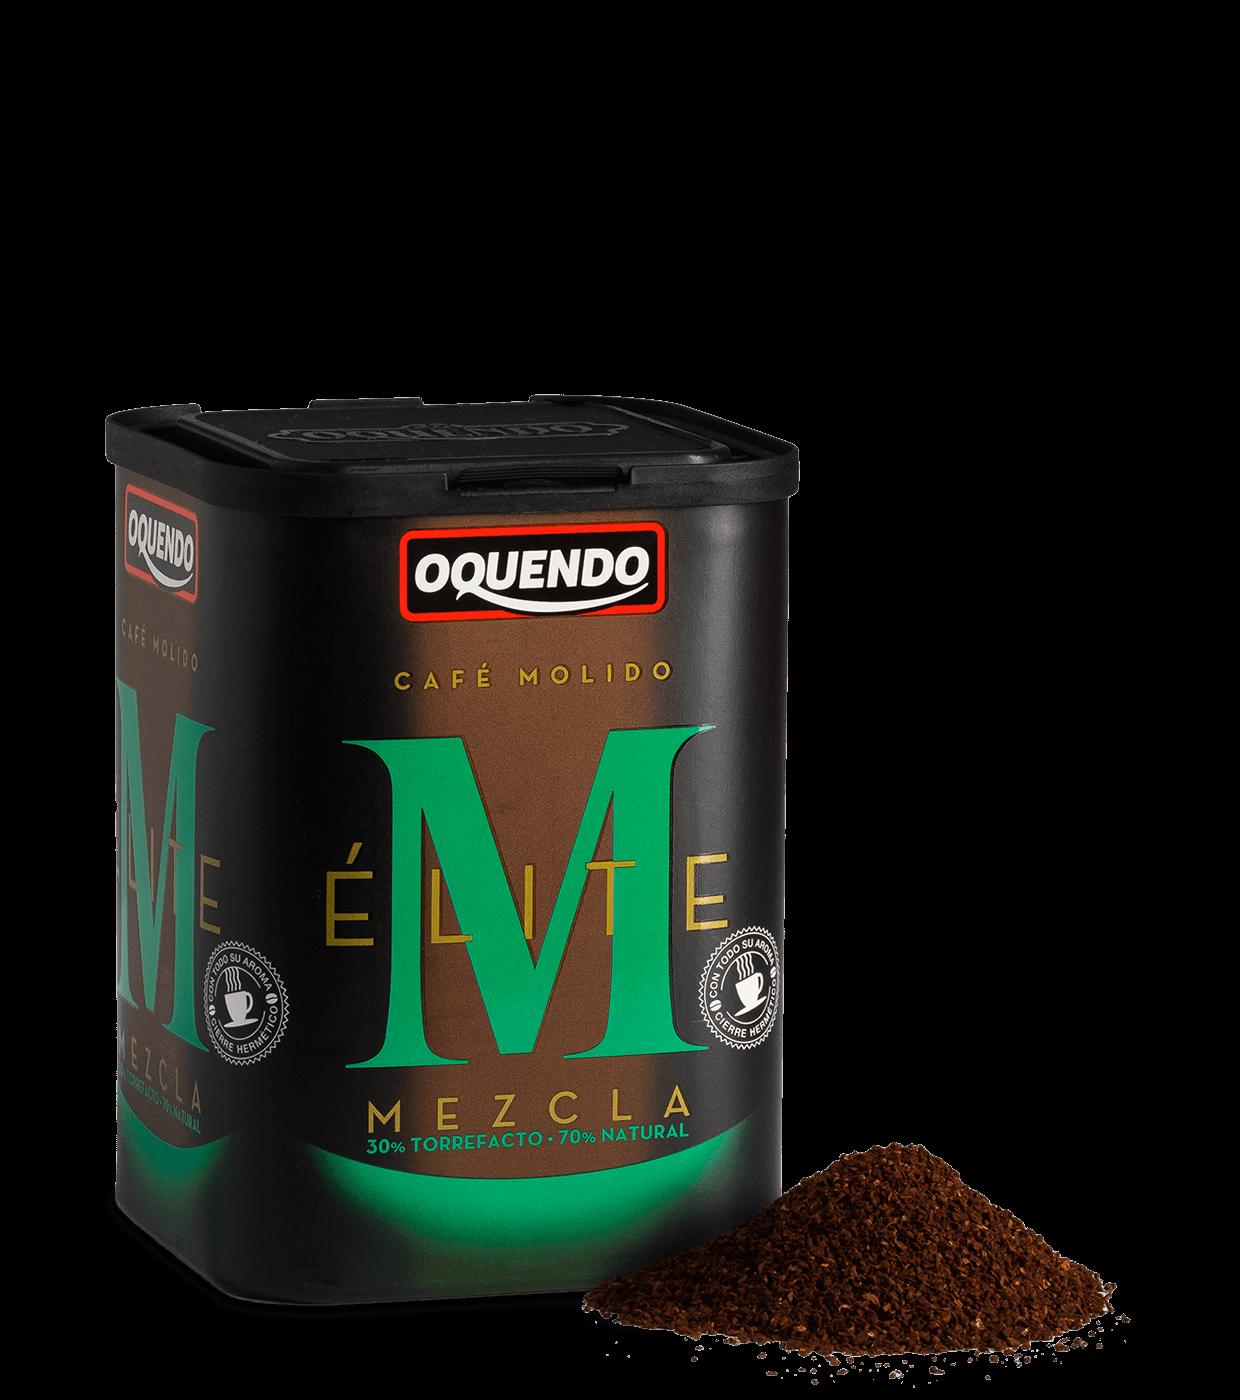 oquendo-25-molido-mezcla